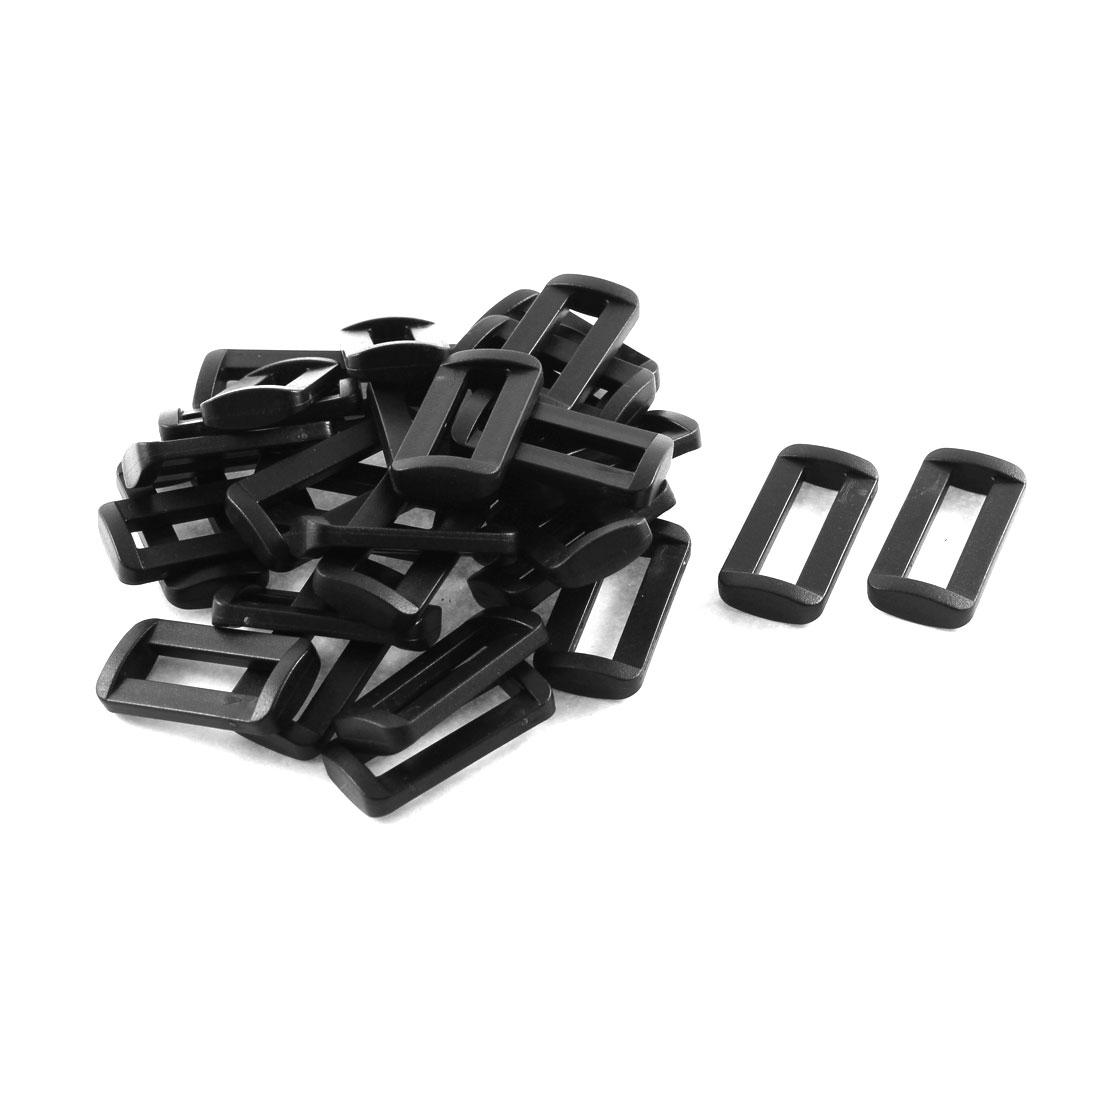 30pcs Black Plastic Bar Slides Buckles for 25mm Webbing Strap